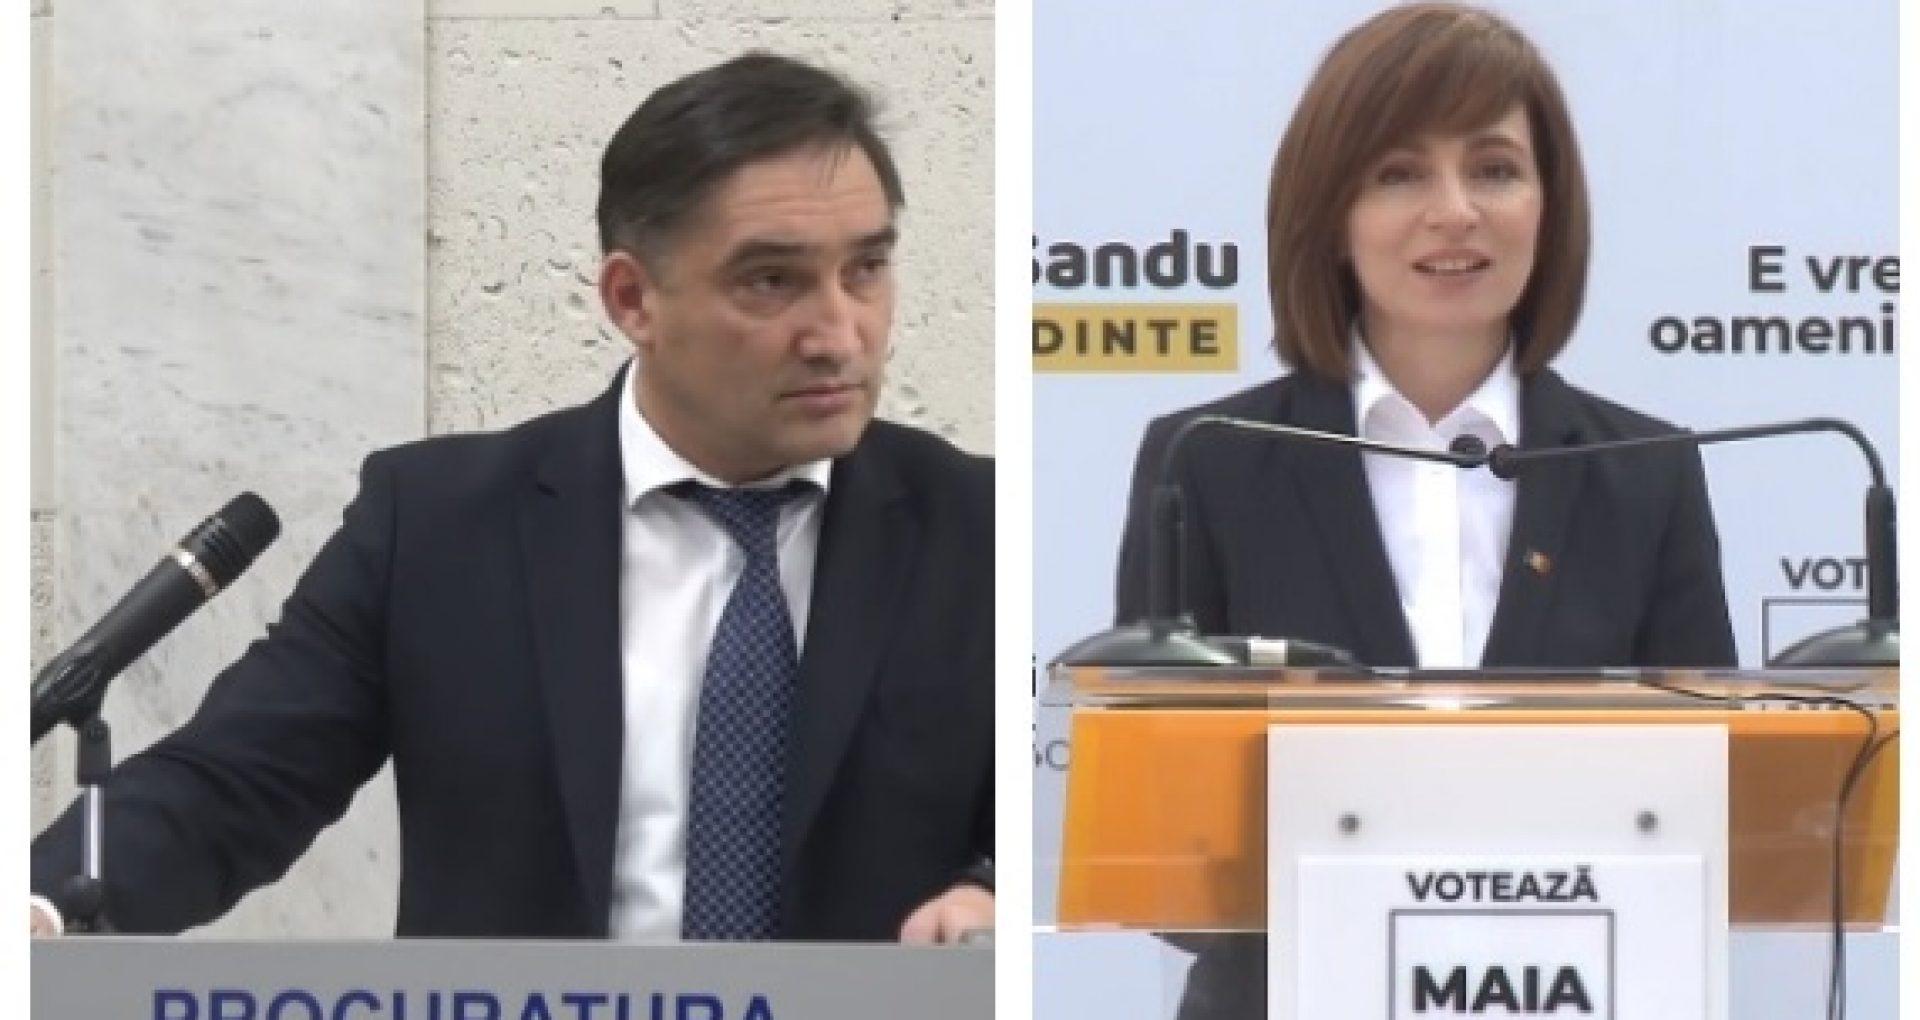 Procurorul general susține că după o întrevedere cu președinta aleasă a R. Moldova, părerea Maiei Sandu, în legătură cu activitatea PG, se va schimba